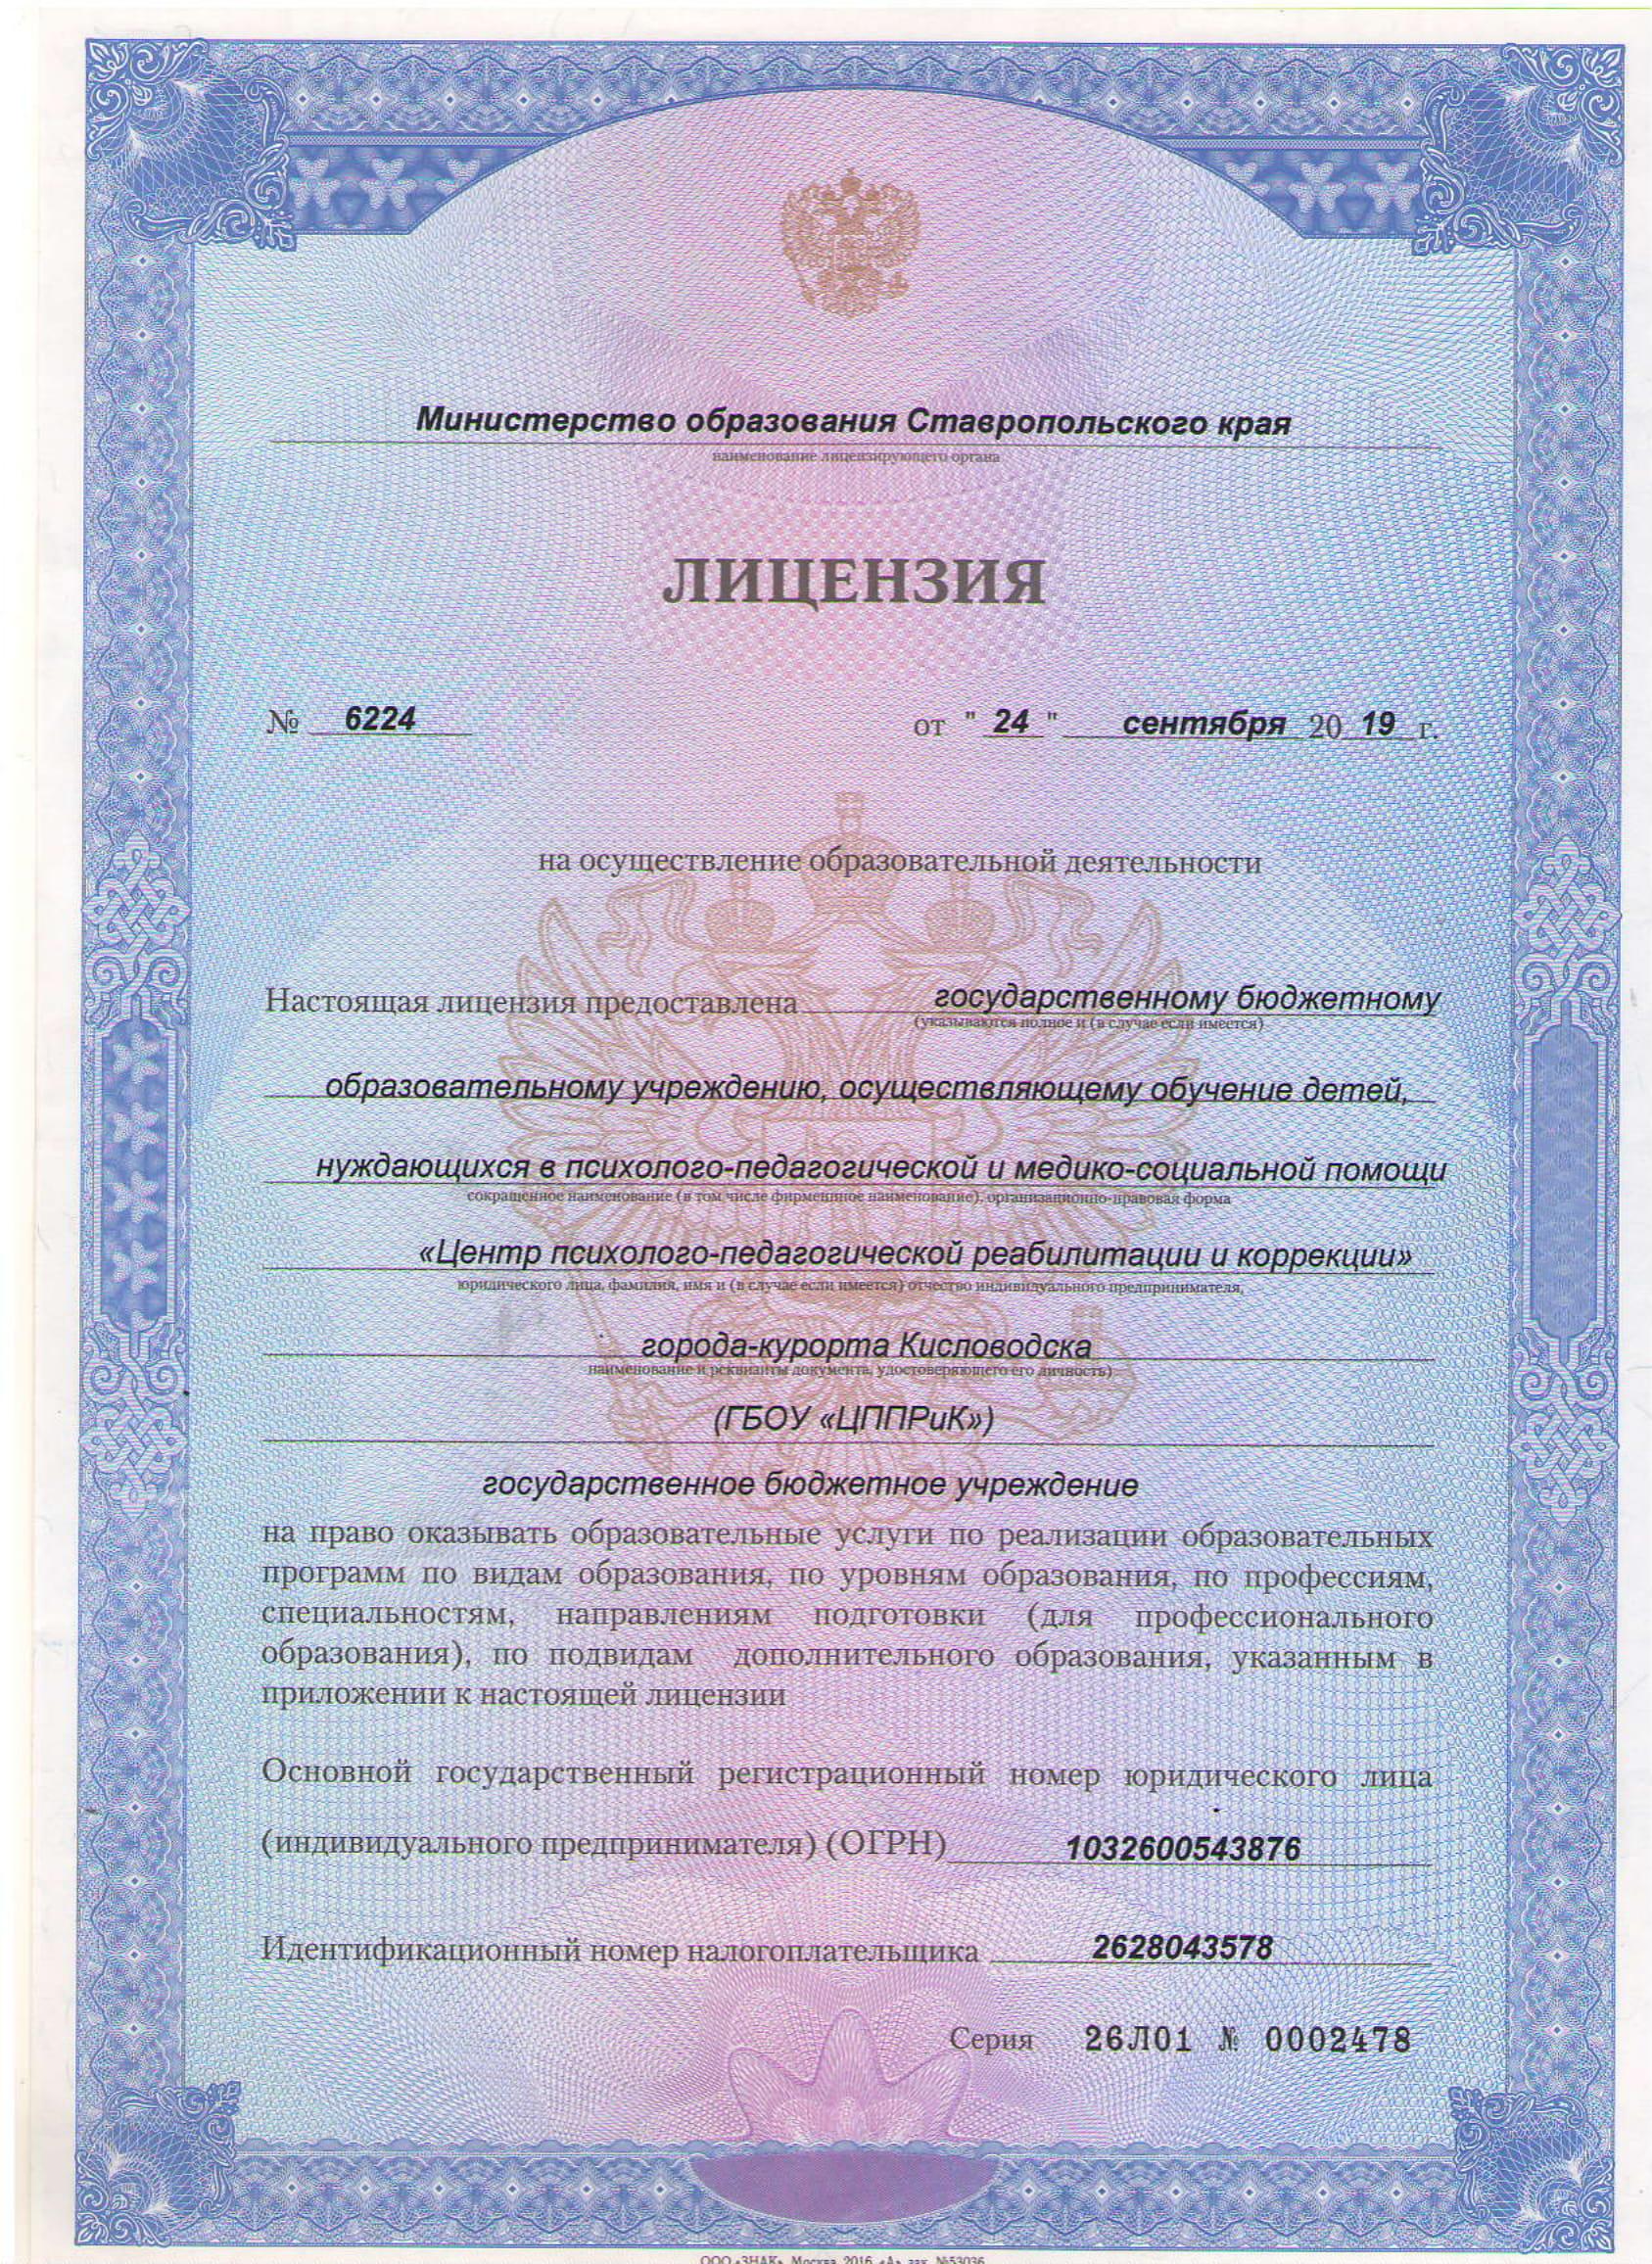 Лицензия на образовательную деятельность-1